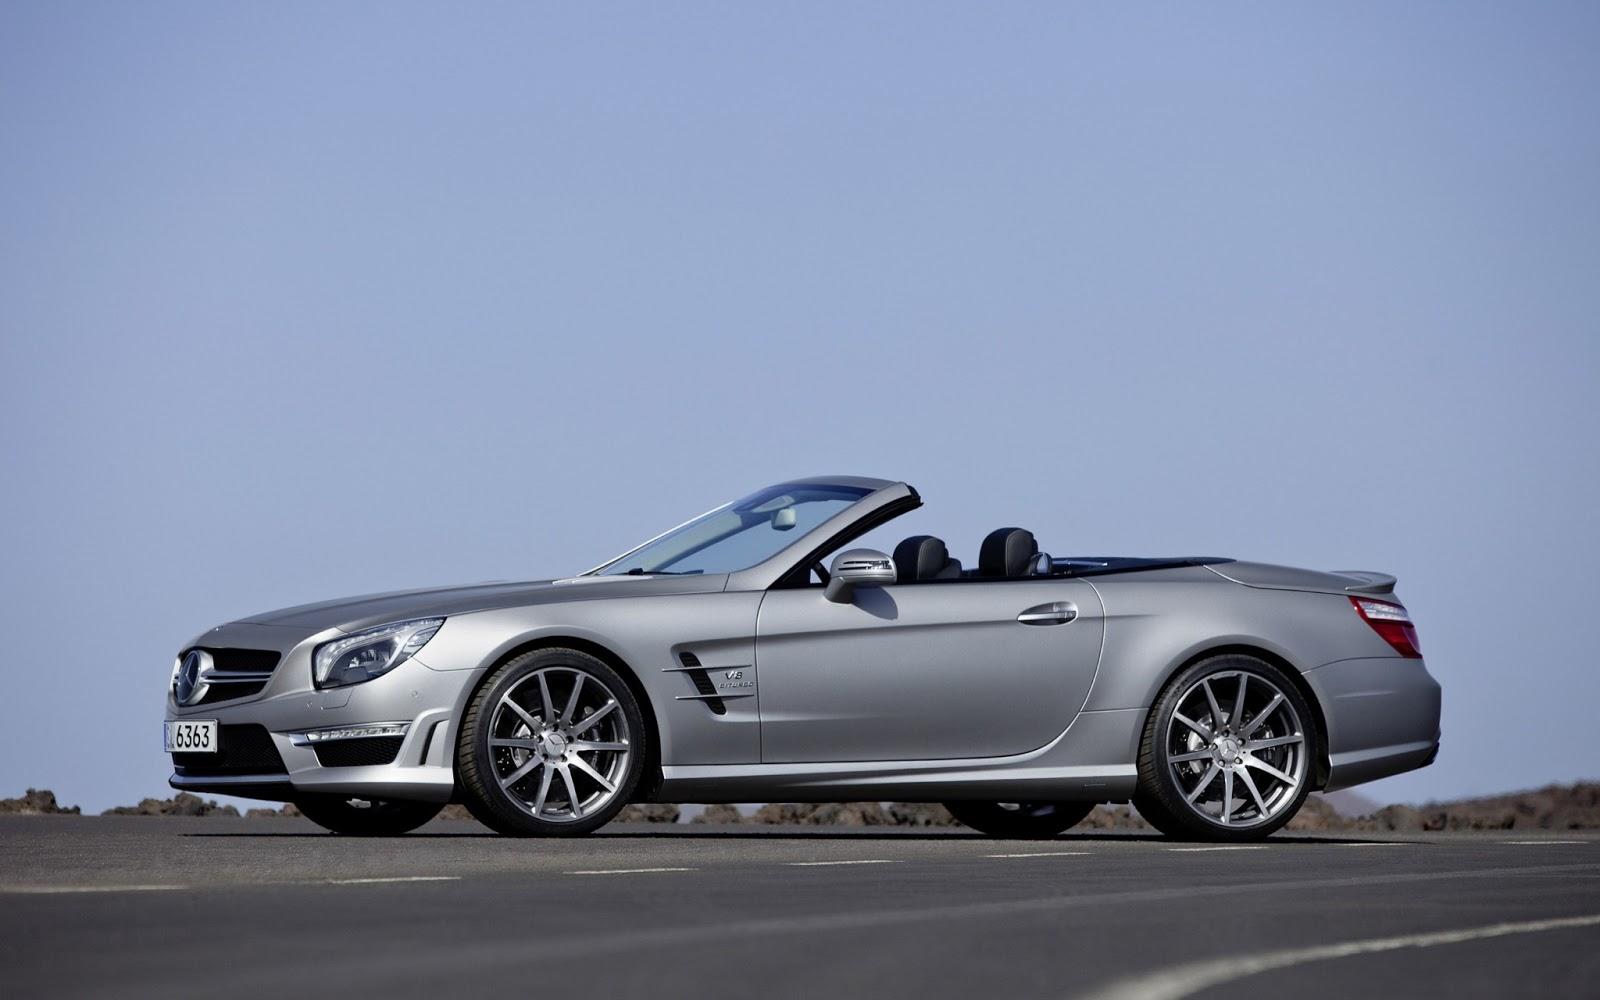 http://3.bp.blogspot.com/-PxRJzWIkqSU/UPj66H3VdnI/AAAAAAAA0EI/7ukinDiLr5E/s1600/Mercedes-Benz-SL-63-AMG-2012-2880x1800-Wallpapers_Fondos-de-Carros.jpg